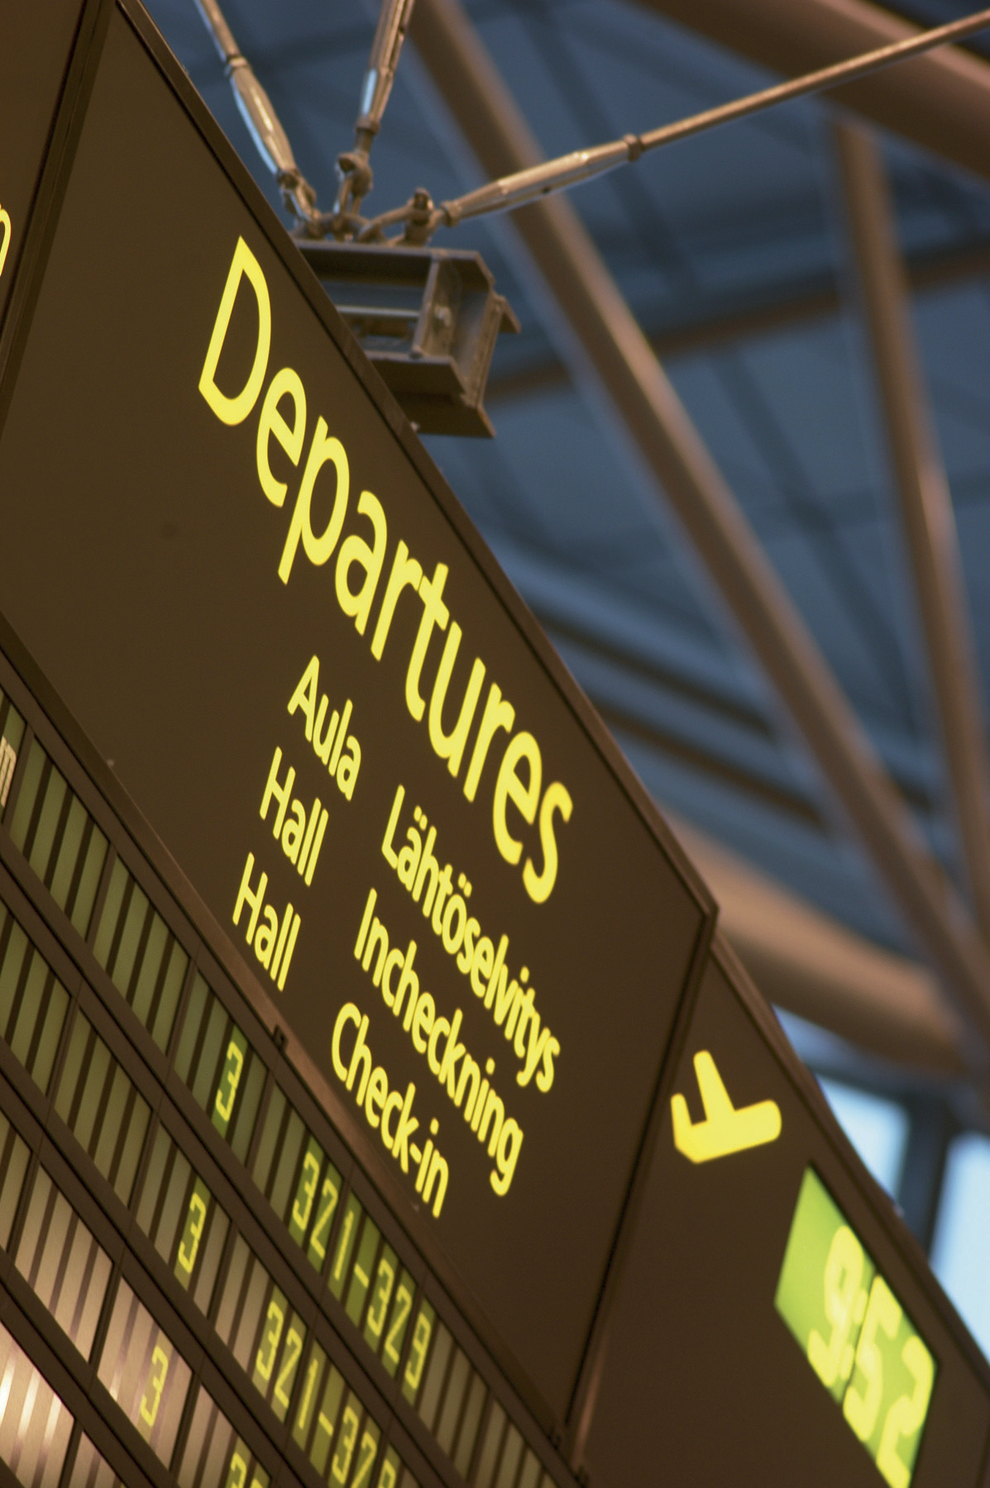 FIN Flight Information System at Helsinki Airport_1.jpg